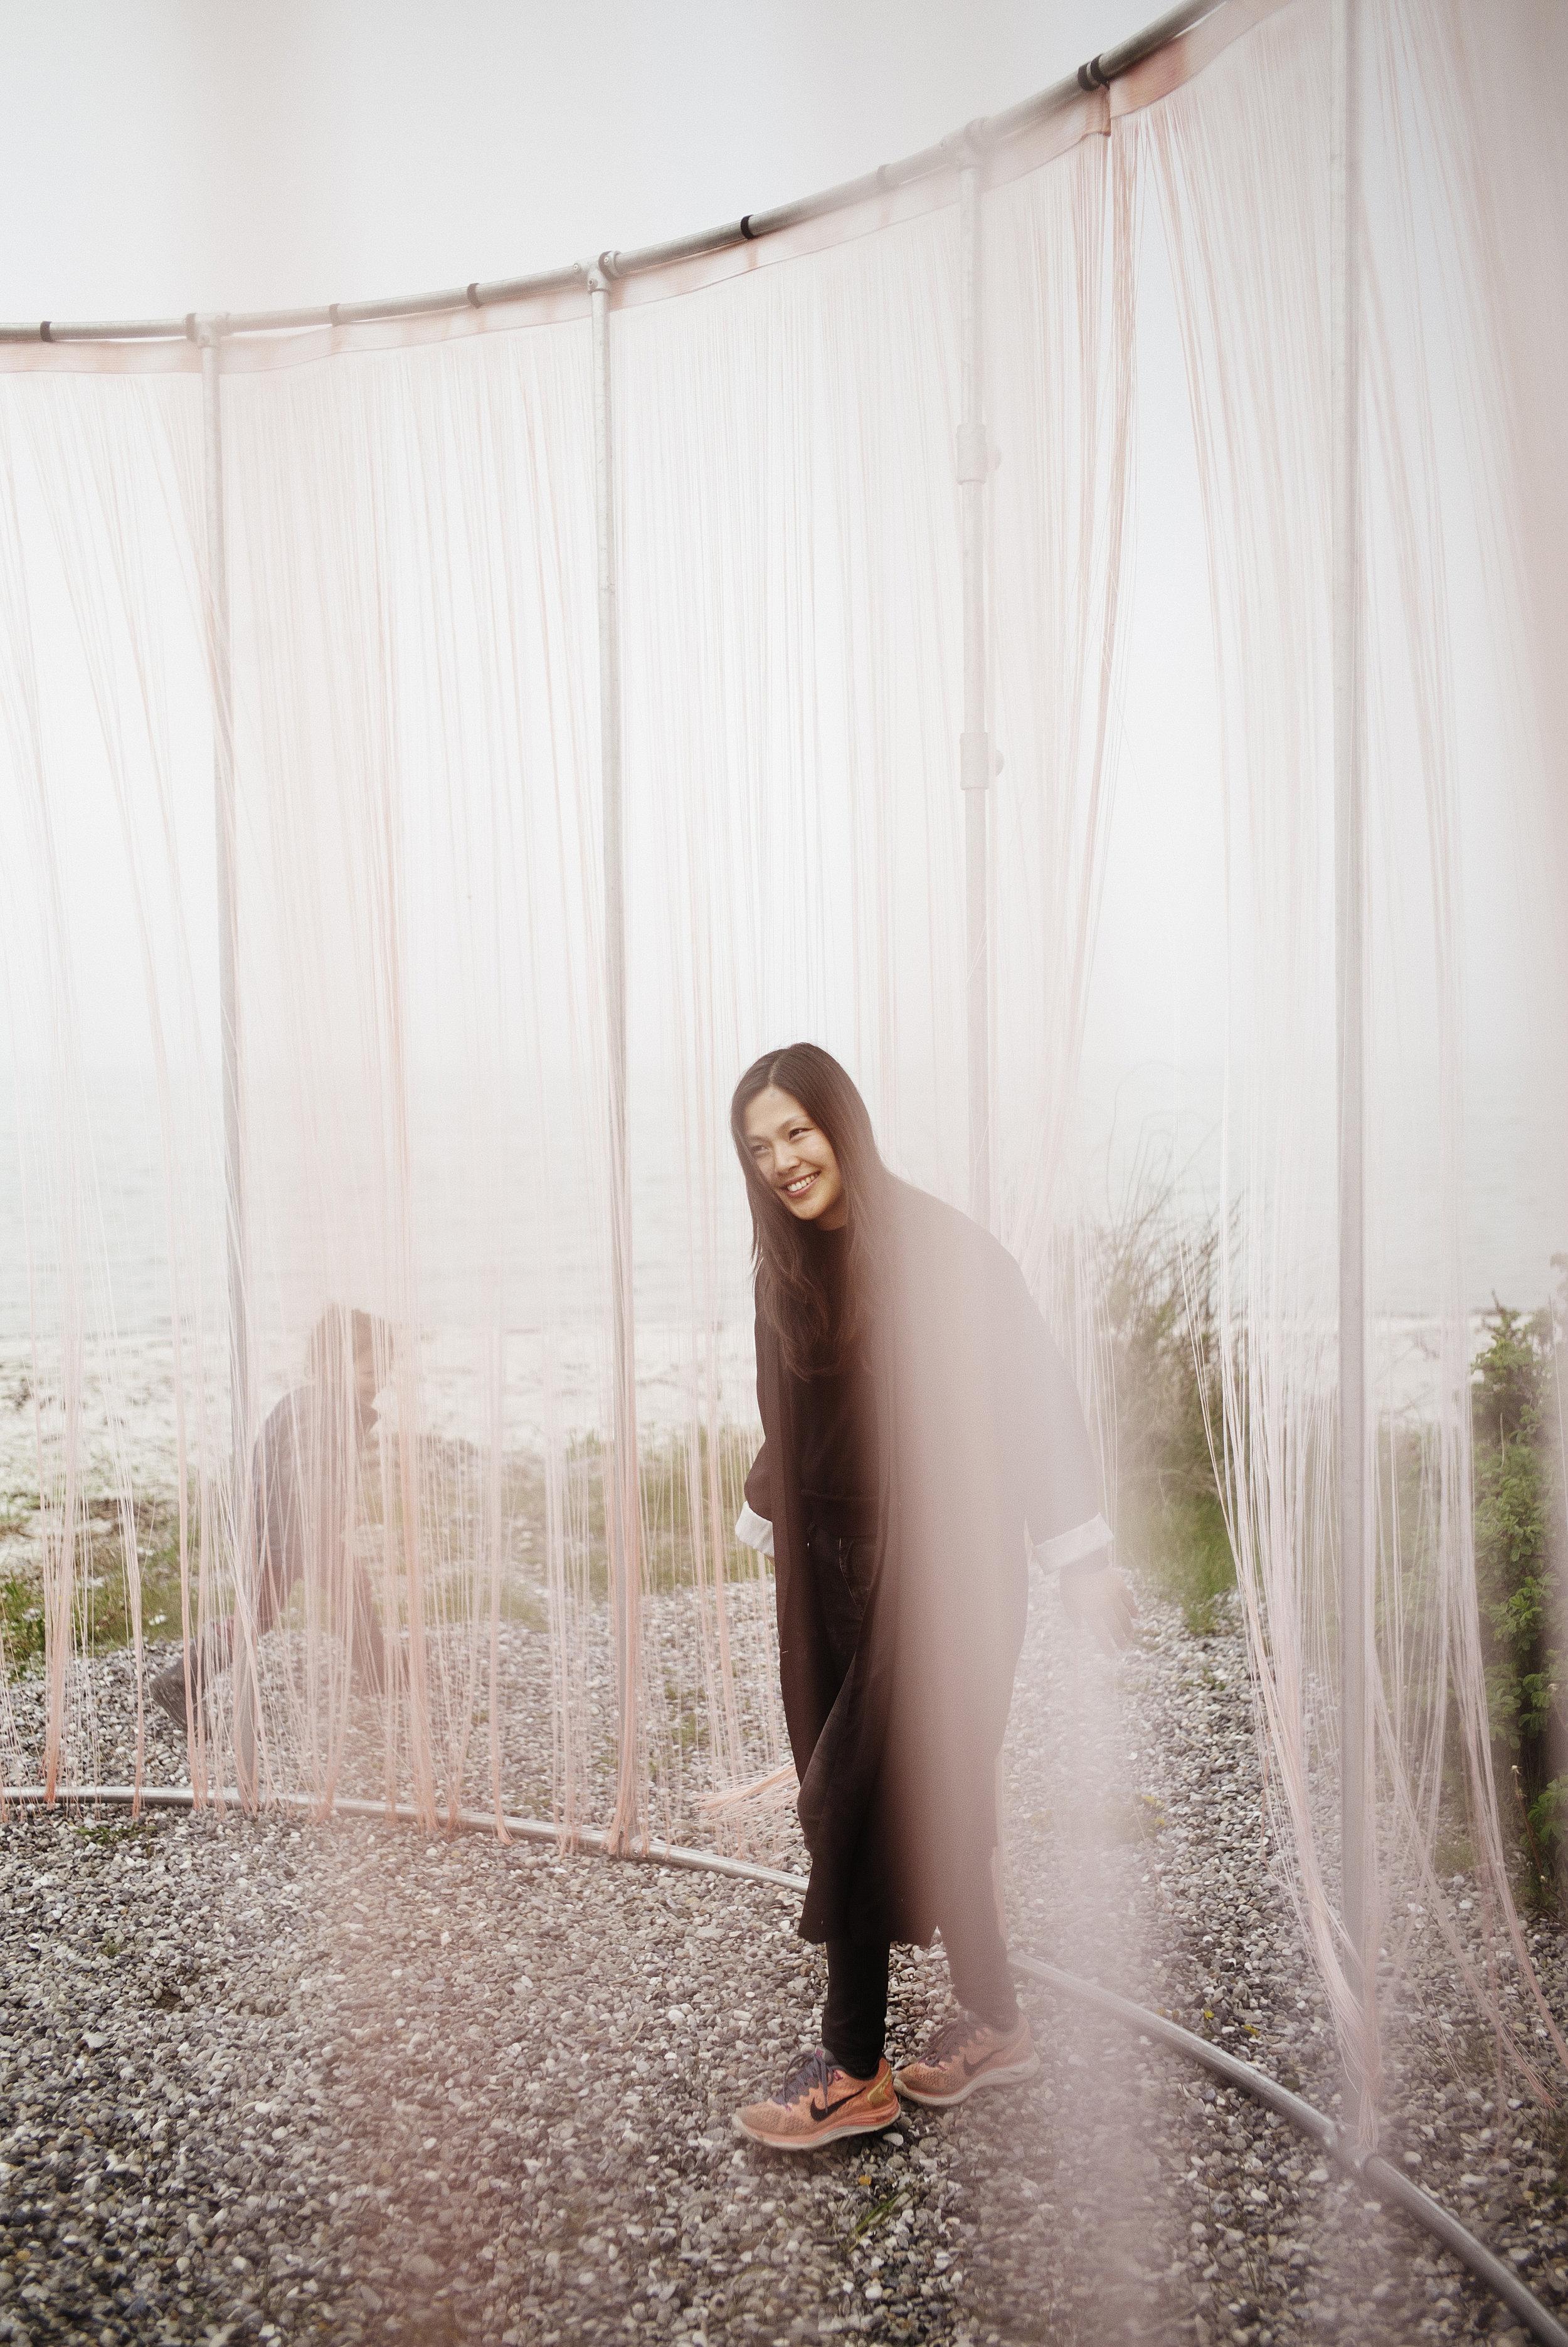 /// - 🇬🇧 영문안녕하세요 저는 시각 예술가 Jette 혜진 Mortensen입니다.저는 1980년 남한(대한민국, Republic of Korea)에서 태어나 덴마크에 입양아로 자랐습니다.2010년 덴마크 왕립 미술 아카데미를 석사(MFA)로 졸업하고 2015년에 덴마크 예술 제단으로부터 3년 근속 수당을 받았습니다.제 연습은 문화적, 과학적, 수행적, 명상적, 건축 분야를경험에 의해 엮어 세대 간과 감정적인 관계를융통성 있게 이해하는 방법을 포괄하여개발을 하는 것입니다.조각품, 영상, 설치 미술품, 책, 그림, 라이트 아트(light art) 안에는 시작을 위하며집단의 정체성을 나타냅니다. 저는 작품을 구성하는 과정에서클래식 음악, 심리극 치료법, 영속농업, 분자 생물학, 양자역학, 정치학, 탈식민주의 페미니즘을엮여 사용하는데 여러 측면에서 기이하게 상호 연관되어 있다고 생각되지만 전체론적으로 접근하여 한 사회에서 예술을 만드는 것을 개시하게 합니다.